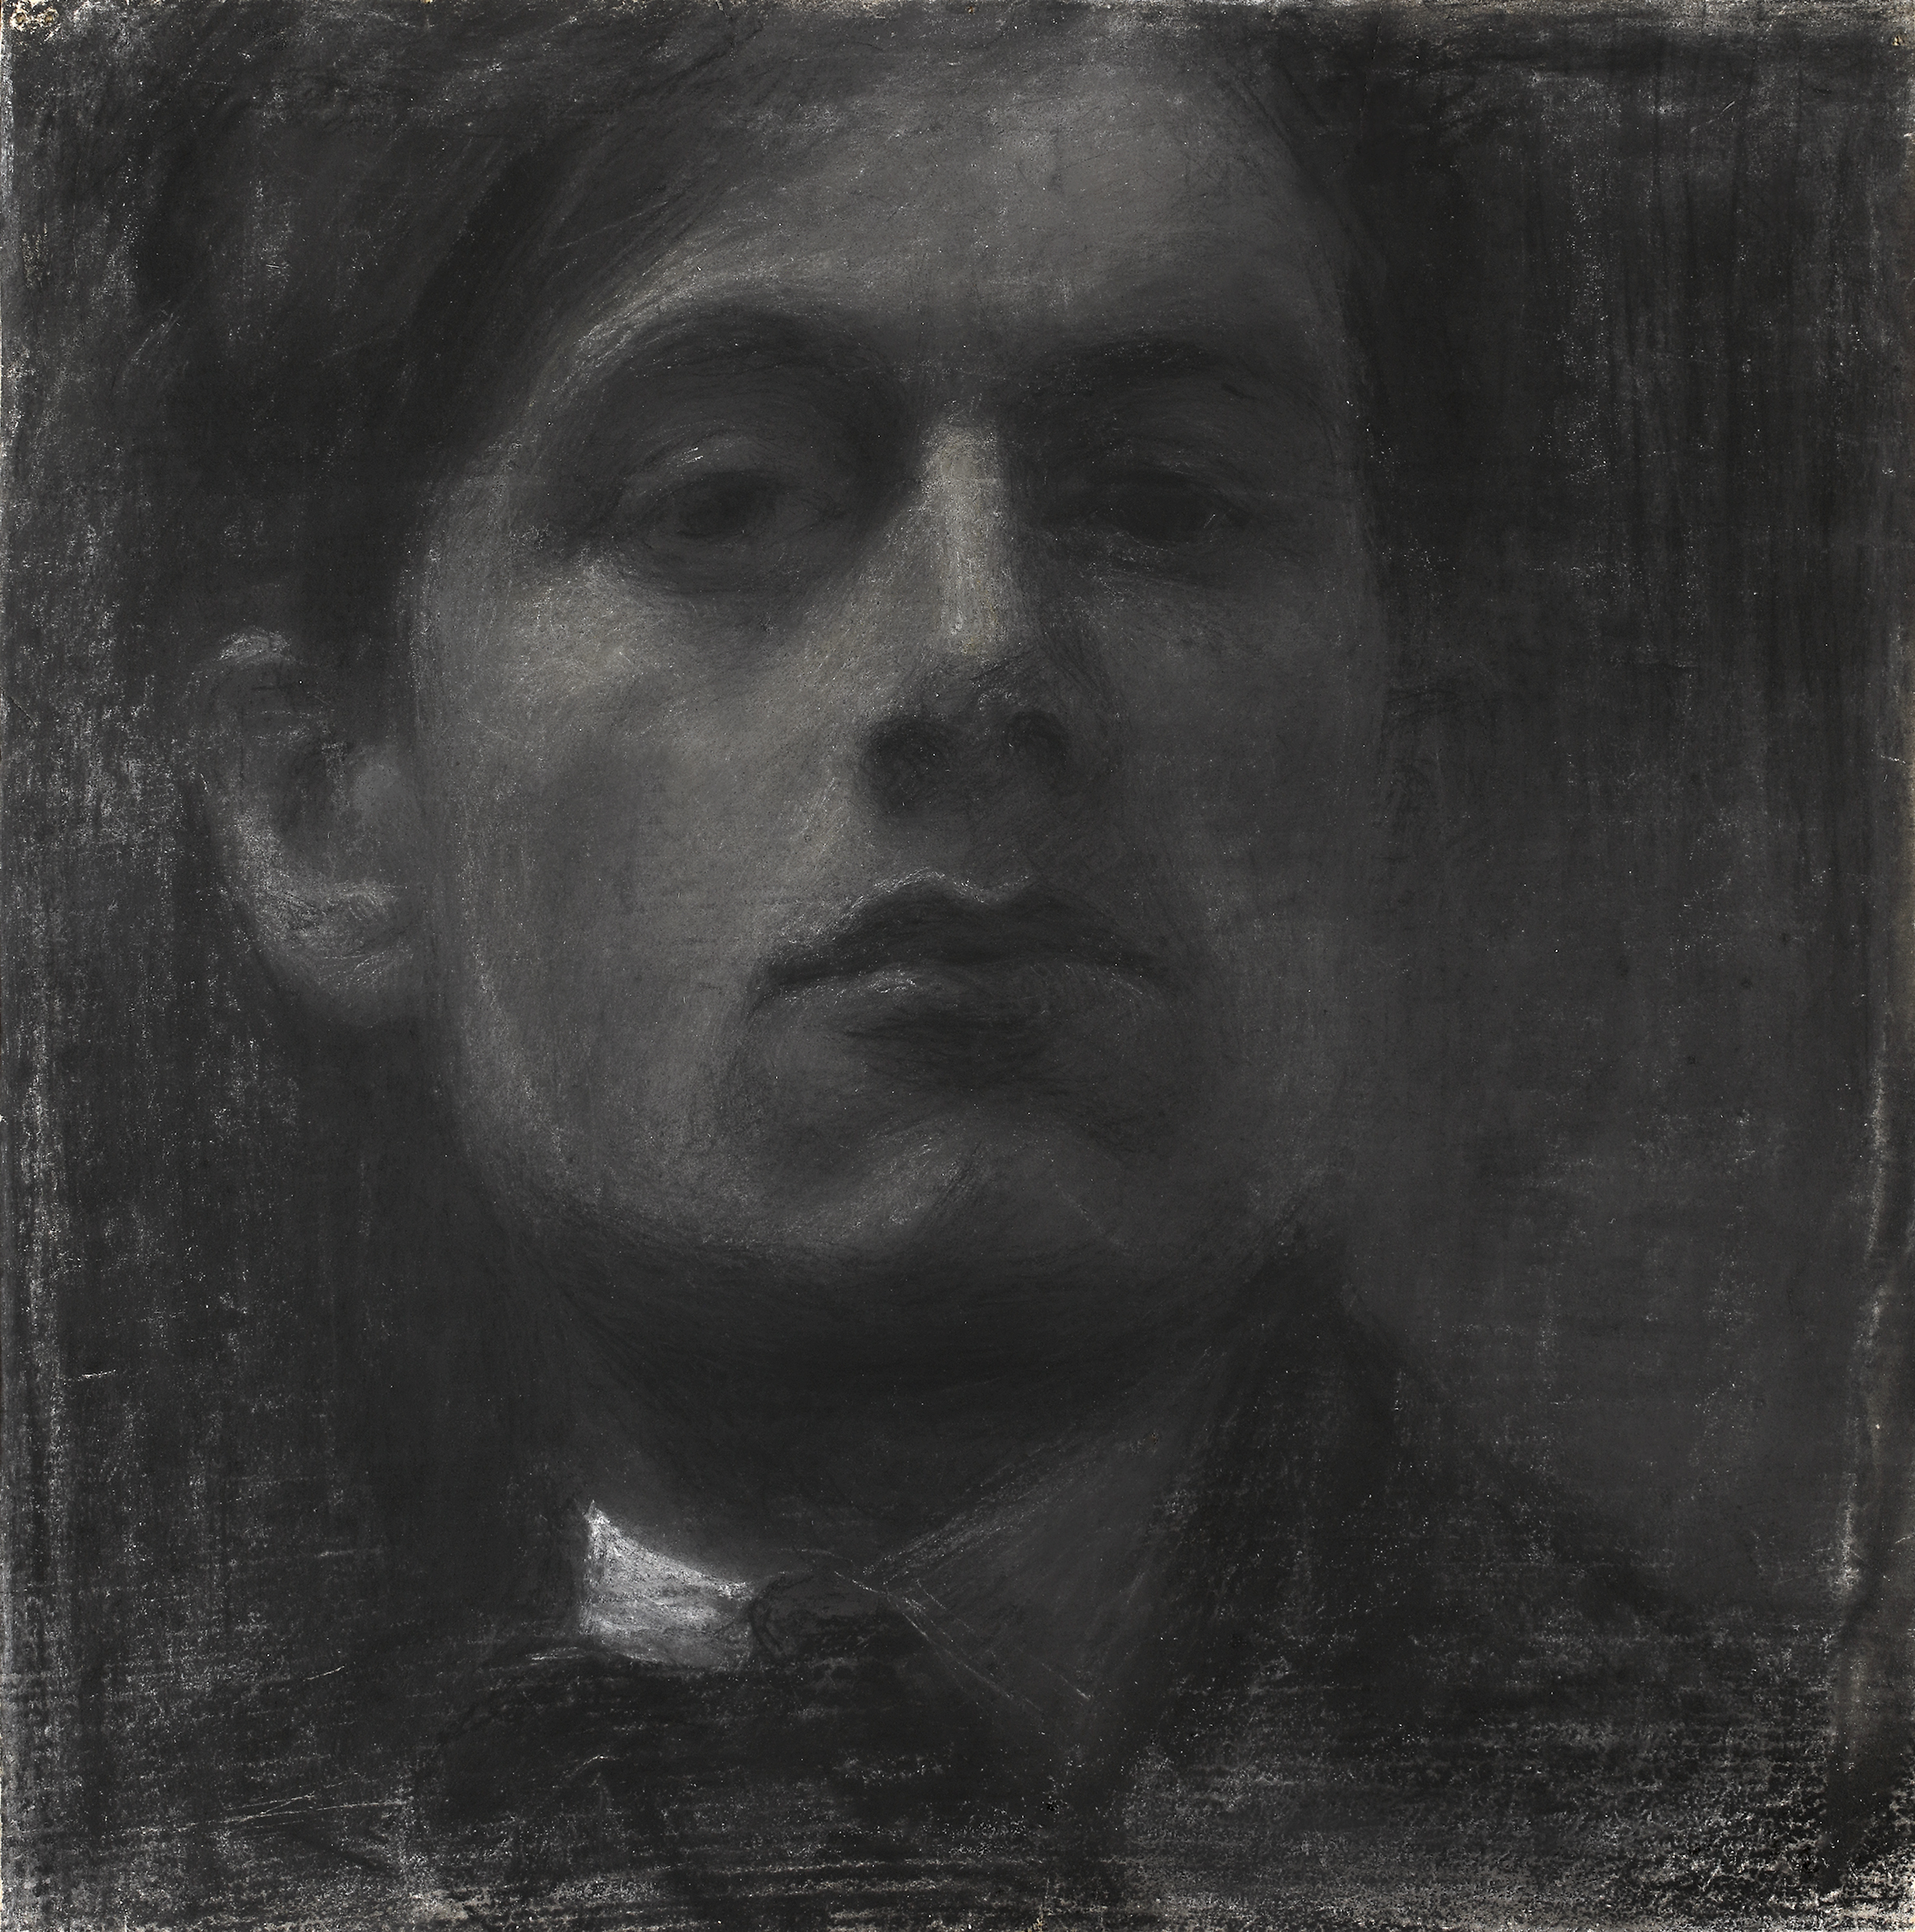 Mario Sironi, Mario Sironi, Autoritratto, 1904, carboncino su carta, applicata su tela, 29,9 x 29,9 cm Collezione privata, Courtesy Associazione Mario Sironi, Milano - © by SIAE 2021